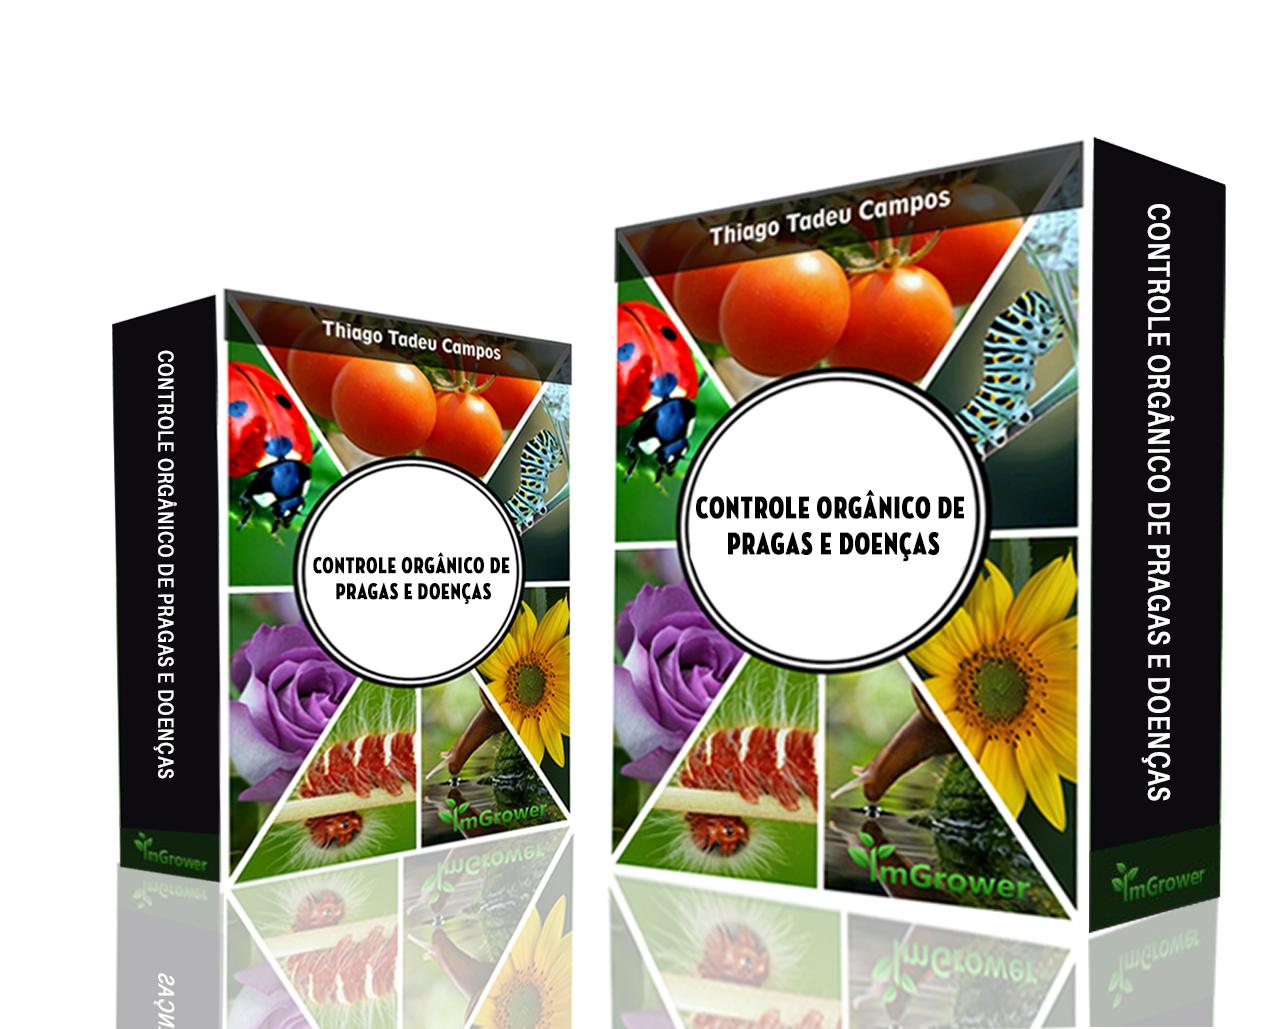 curso controle orgânico de pragas e doenças da imgrower